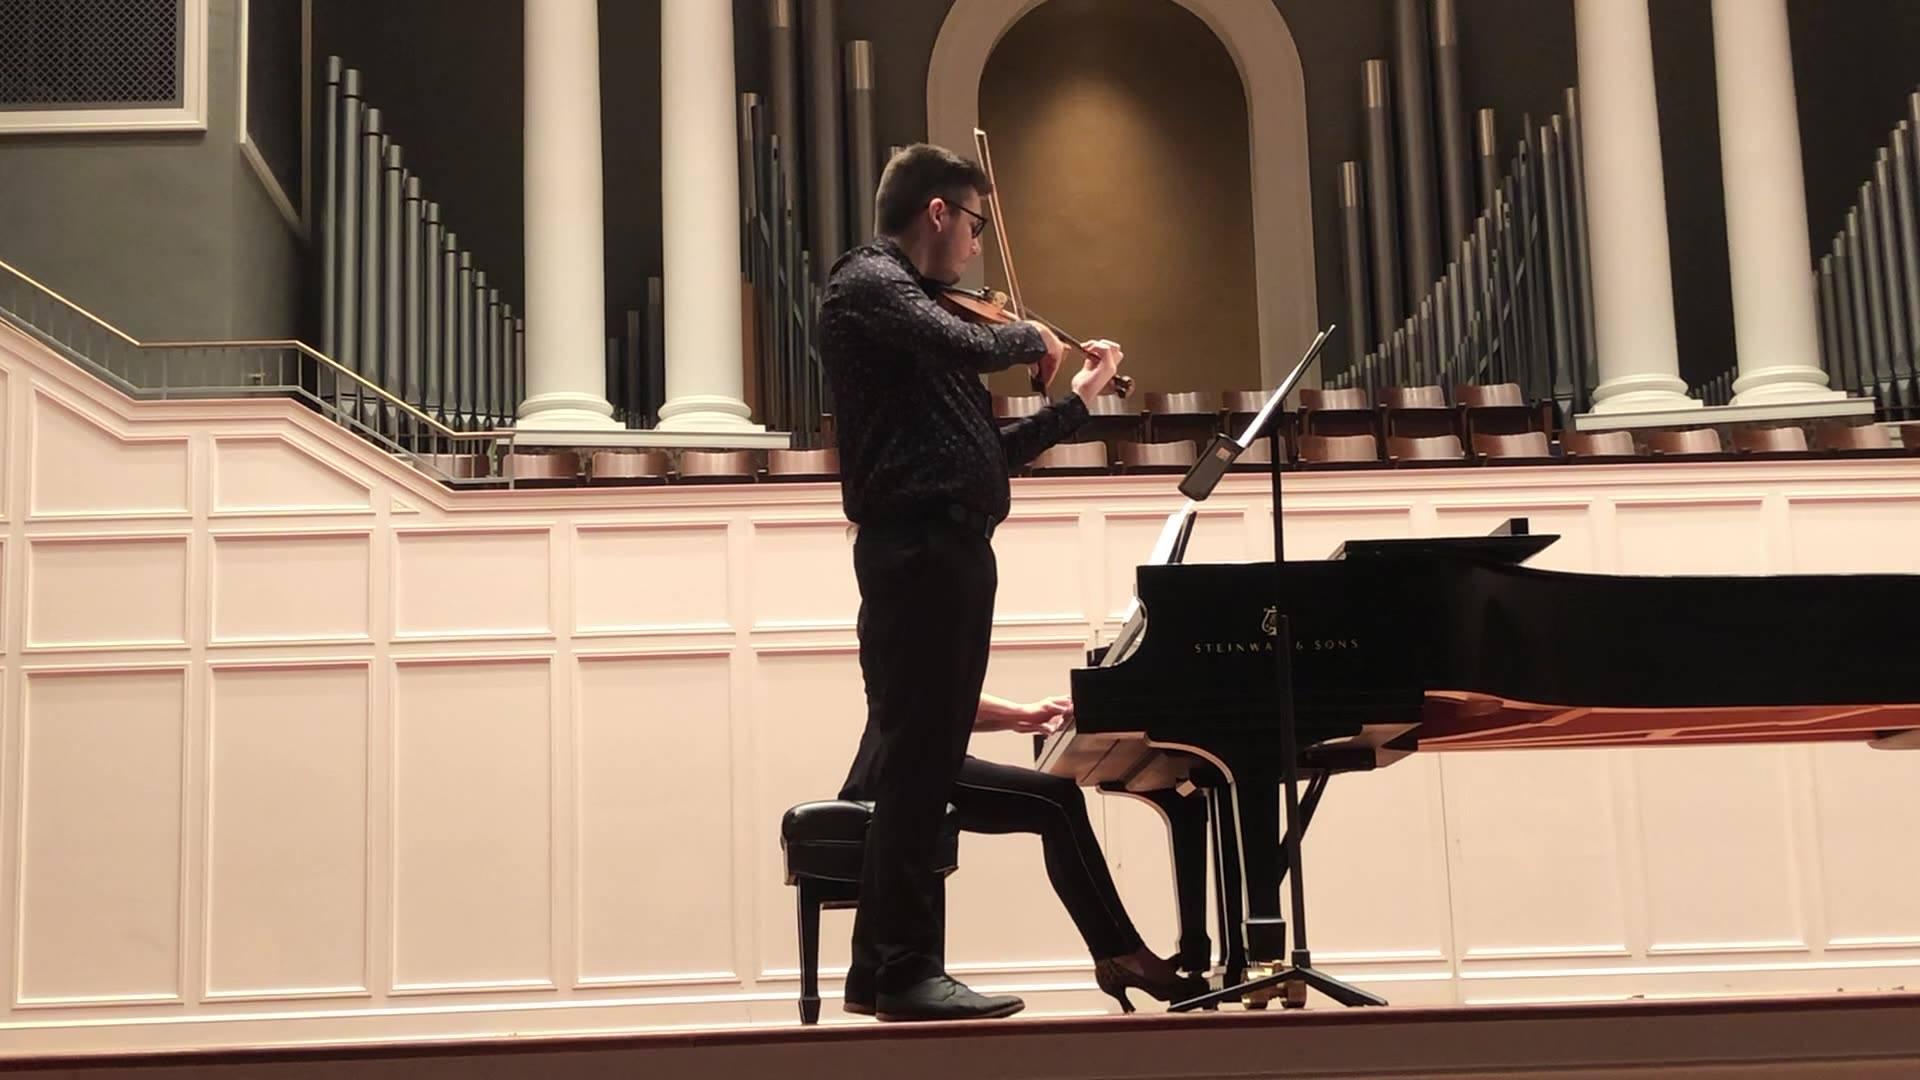 Sonata for Violin and Piano, II. - Philip Glass